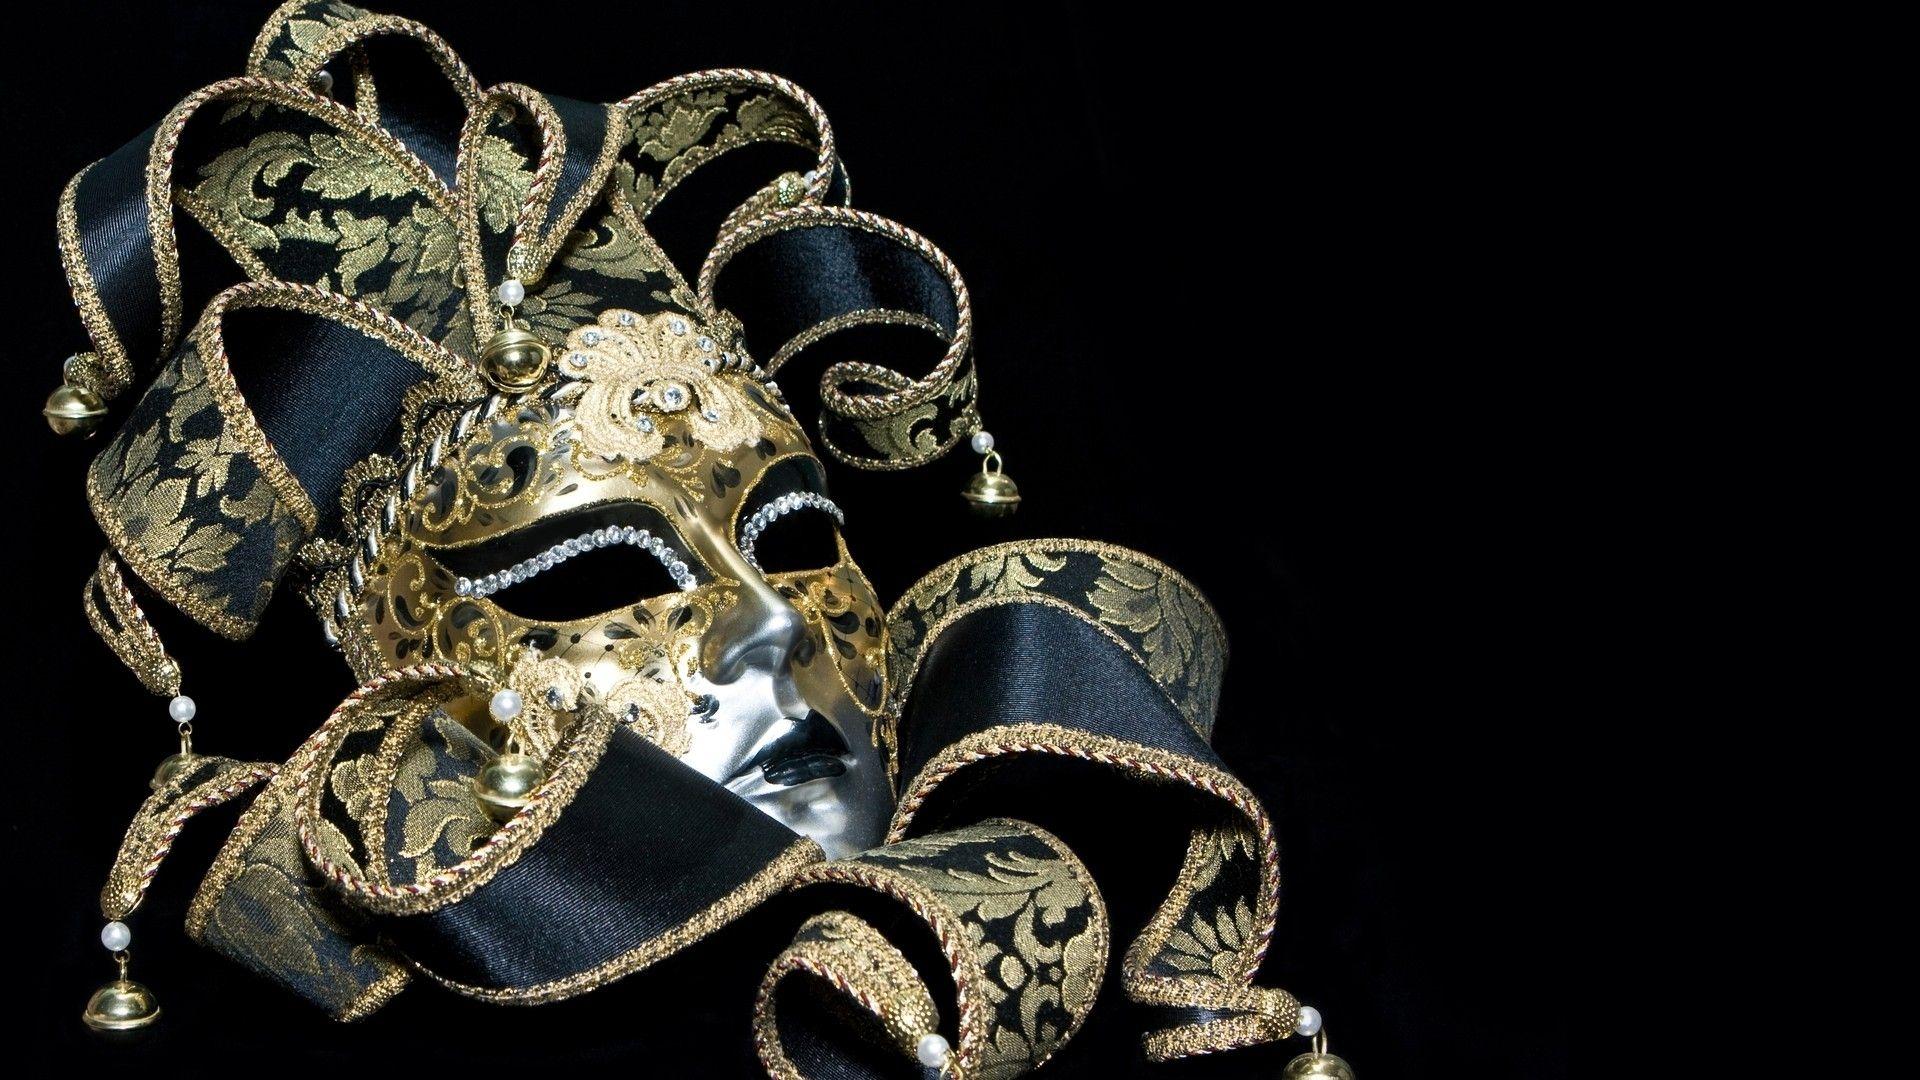 Masquerade Masks   wallpaper masks Pinterest 1920x1080